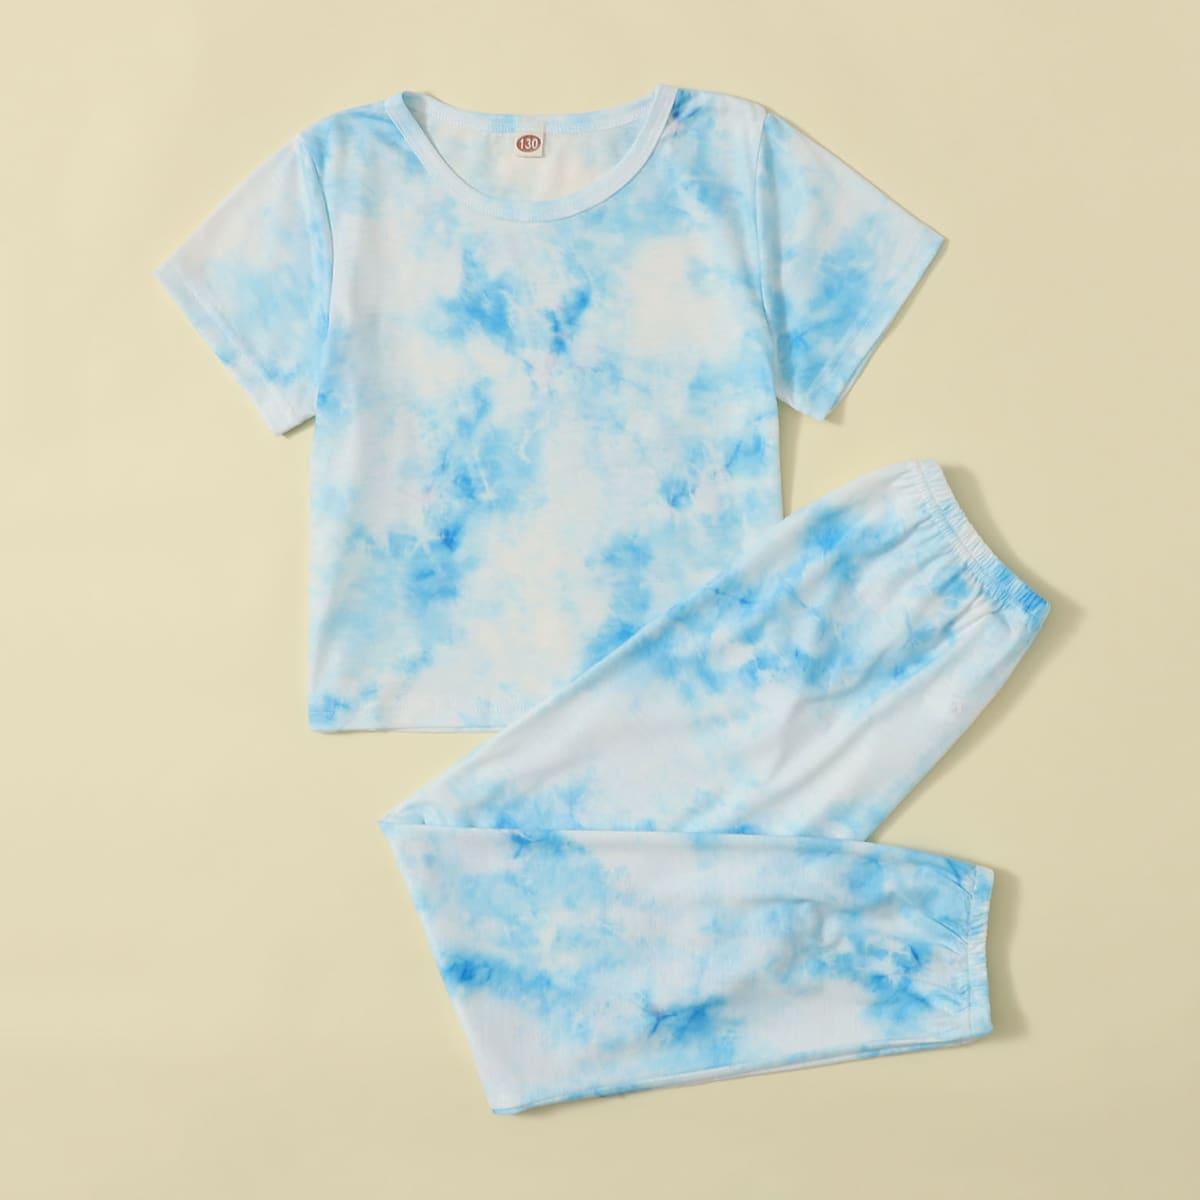 многоцветный Галстуковый краситель Повседневный Домашняя одежда для девочек